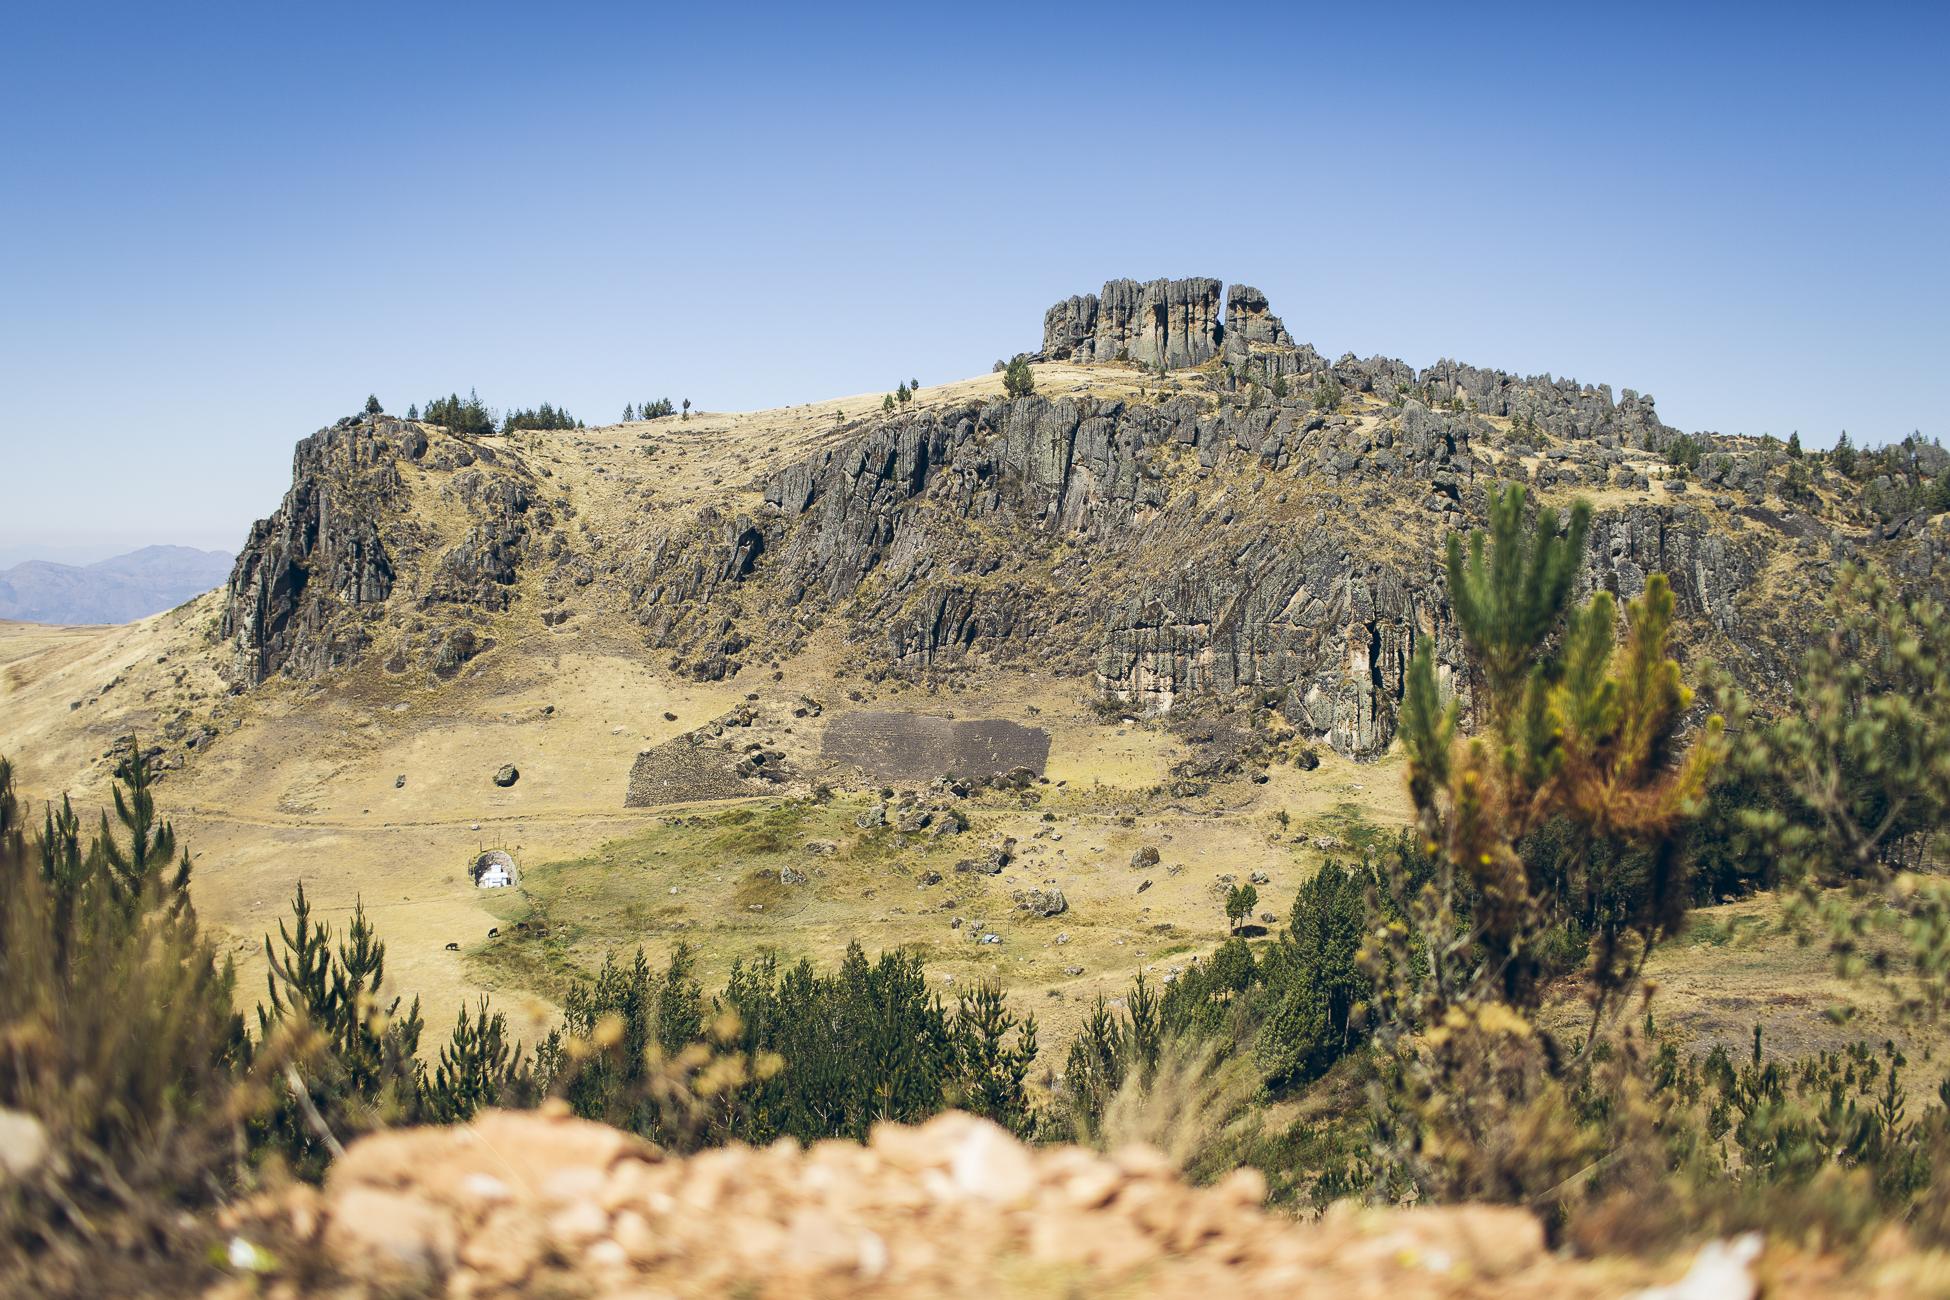 desktoglory_cajamarca-10